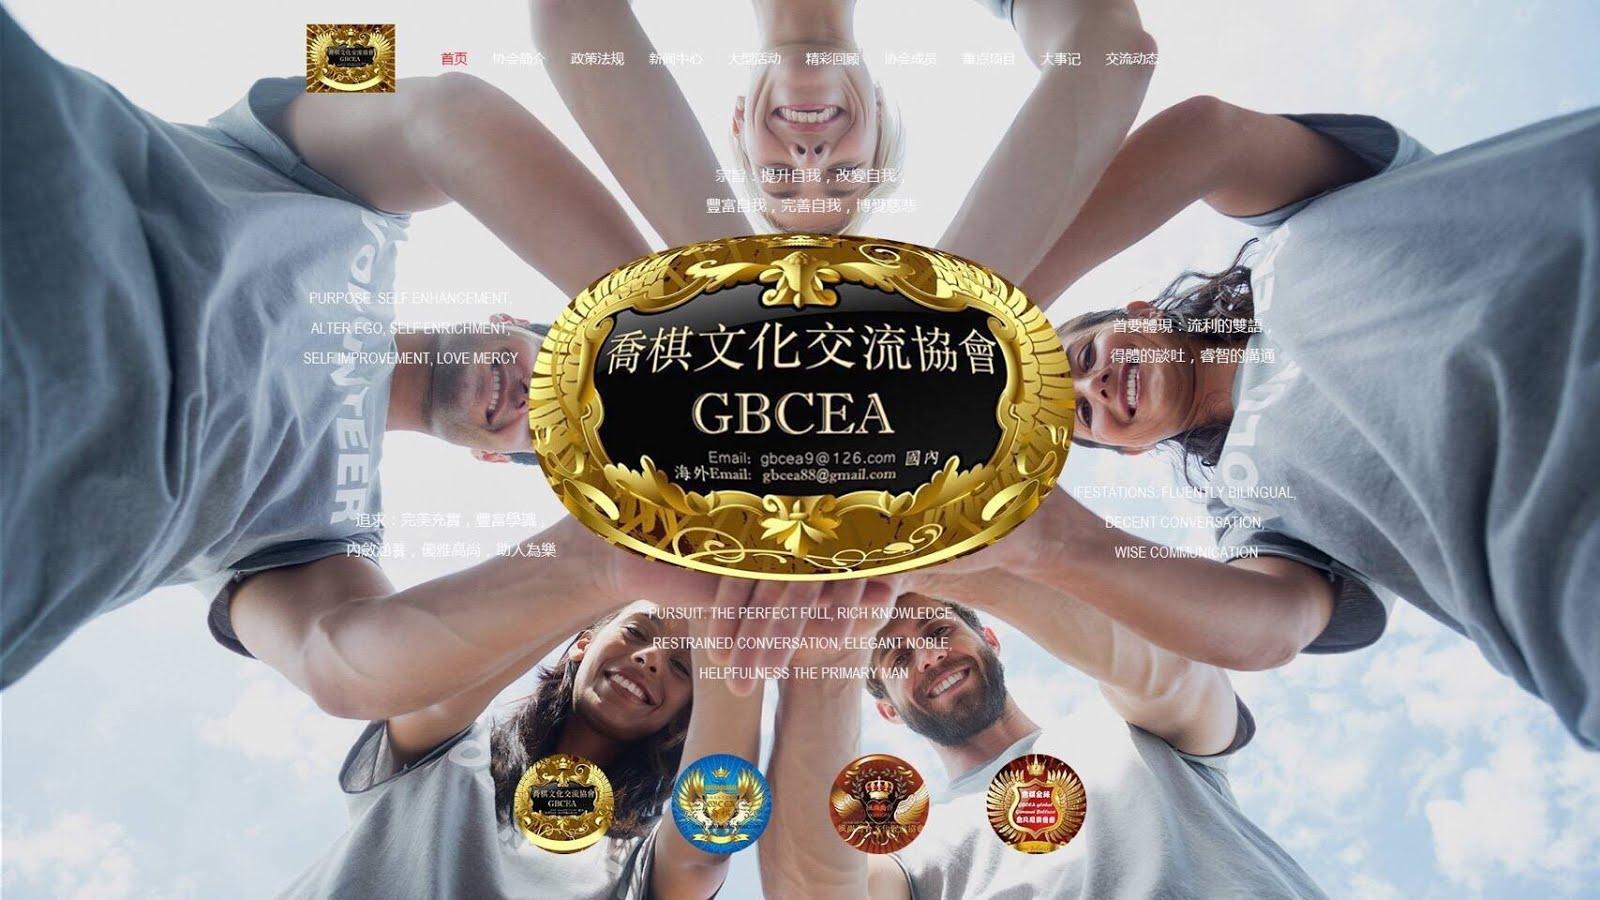 喬棋文化交流協會gbcra